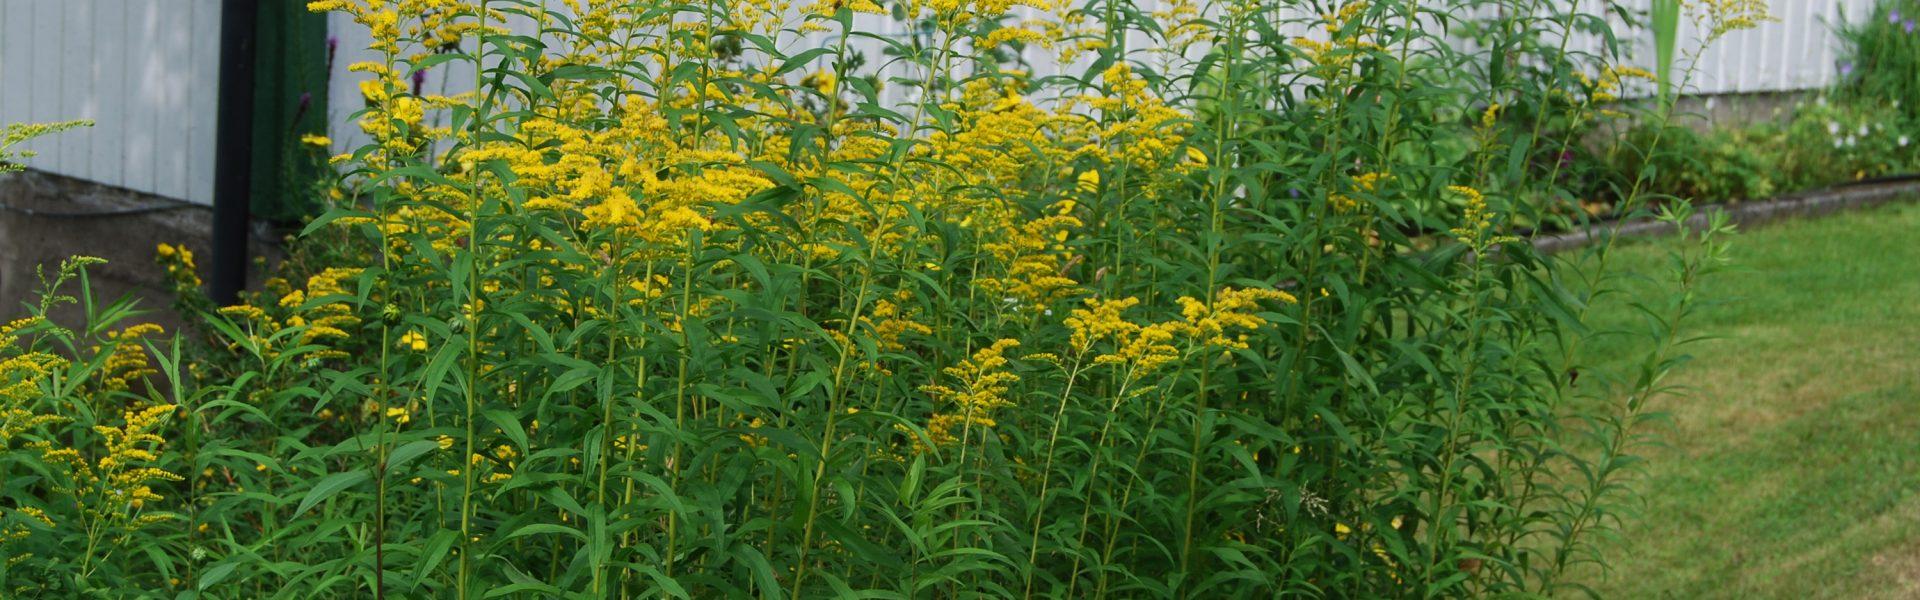 Svartelistede planter – en oppklaring